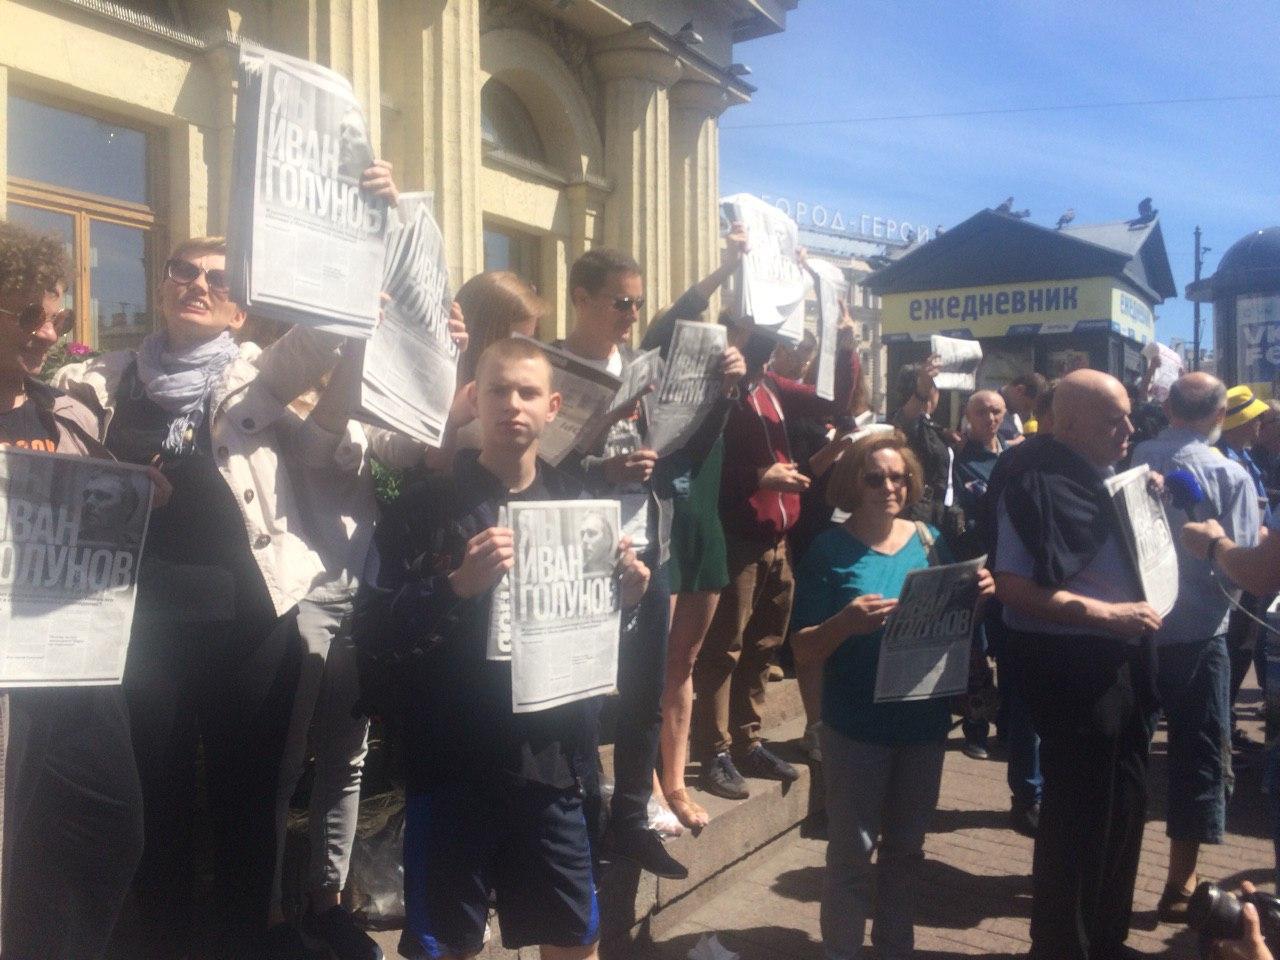 фото ЗакС политика Журналисты Петербурга организовали протестный флешмоб